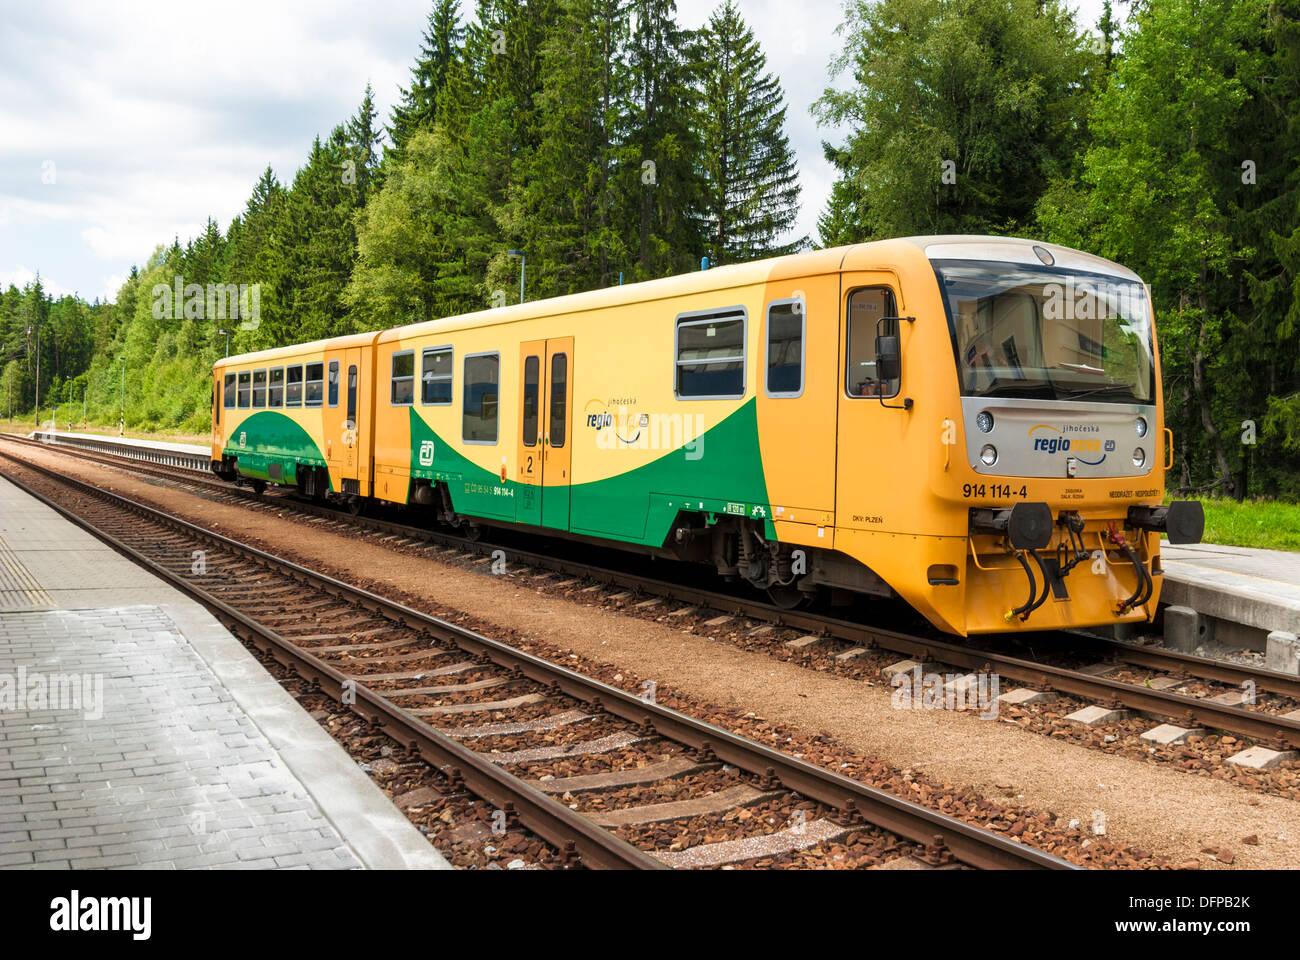 Regional-Zug in einem Bahnhof, Cerny Kriz Sumava MTS., Tschechische Republik Stockbild